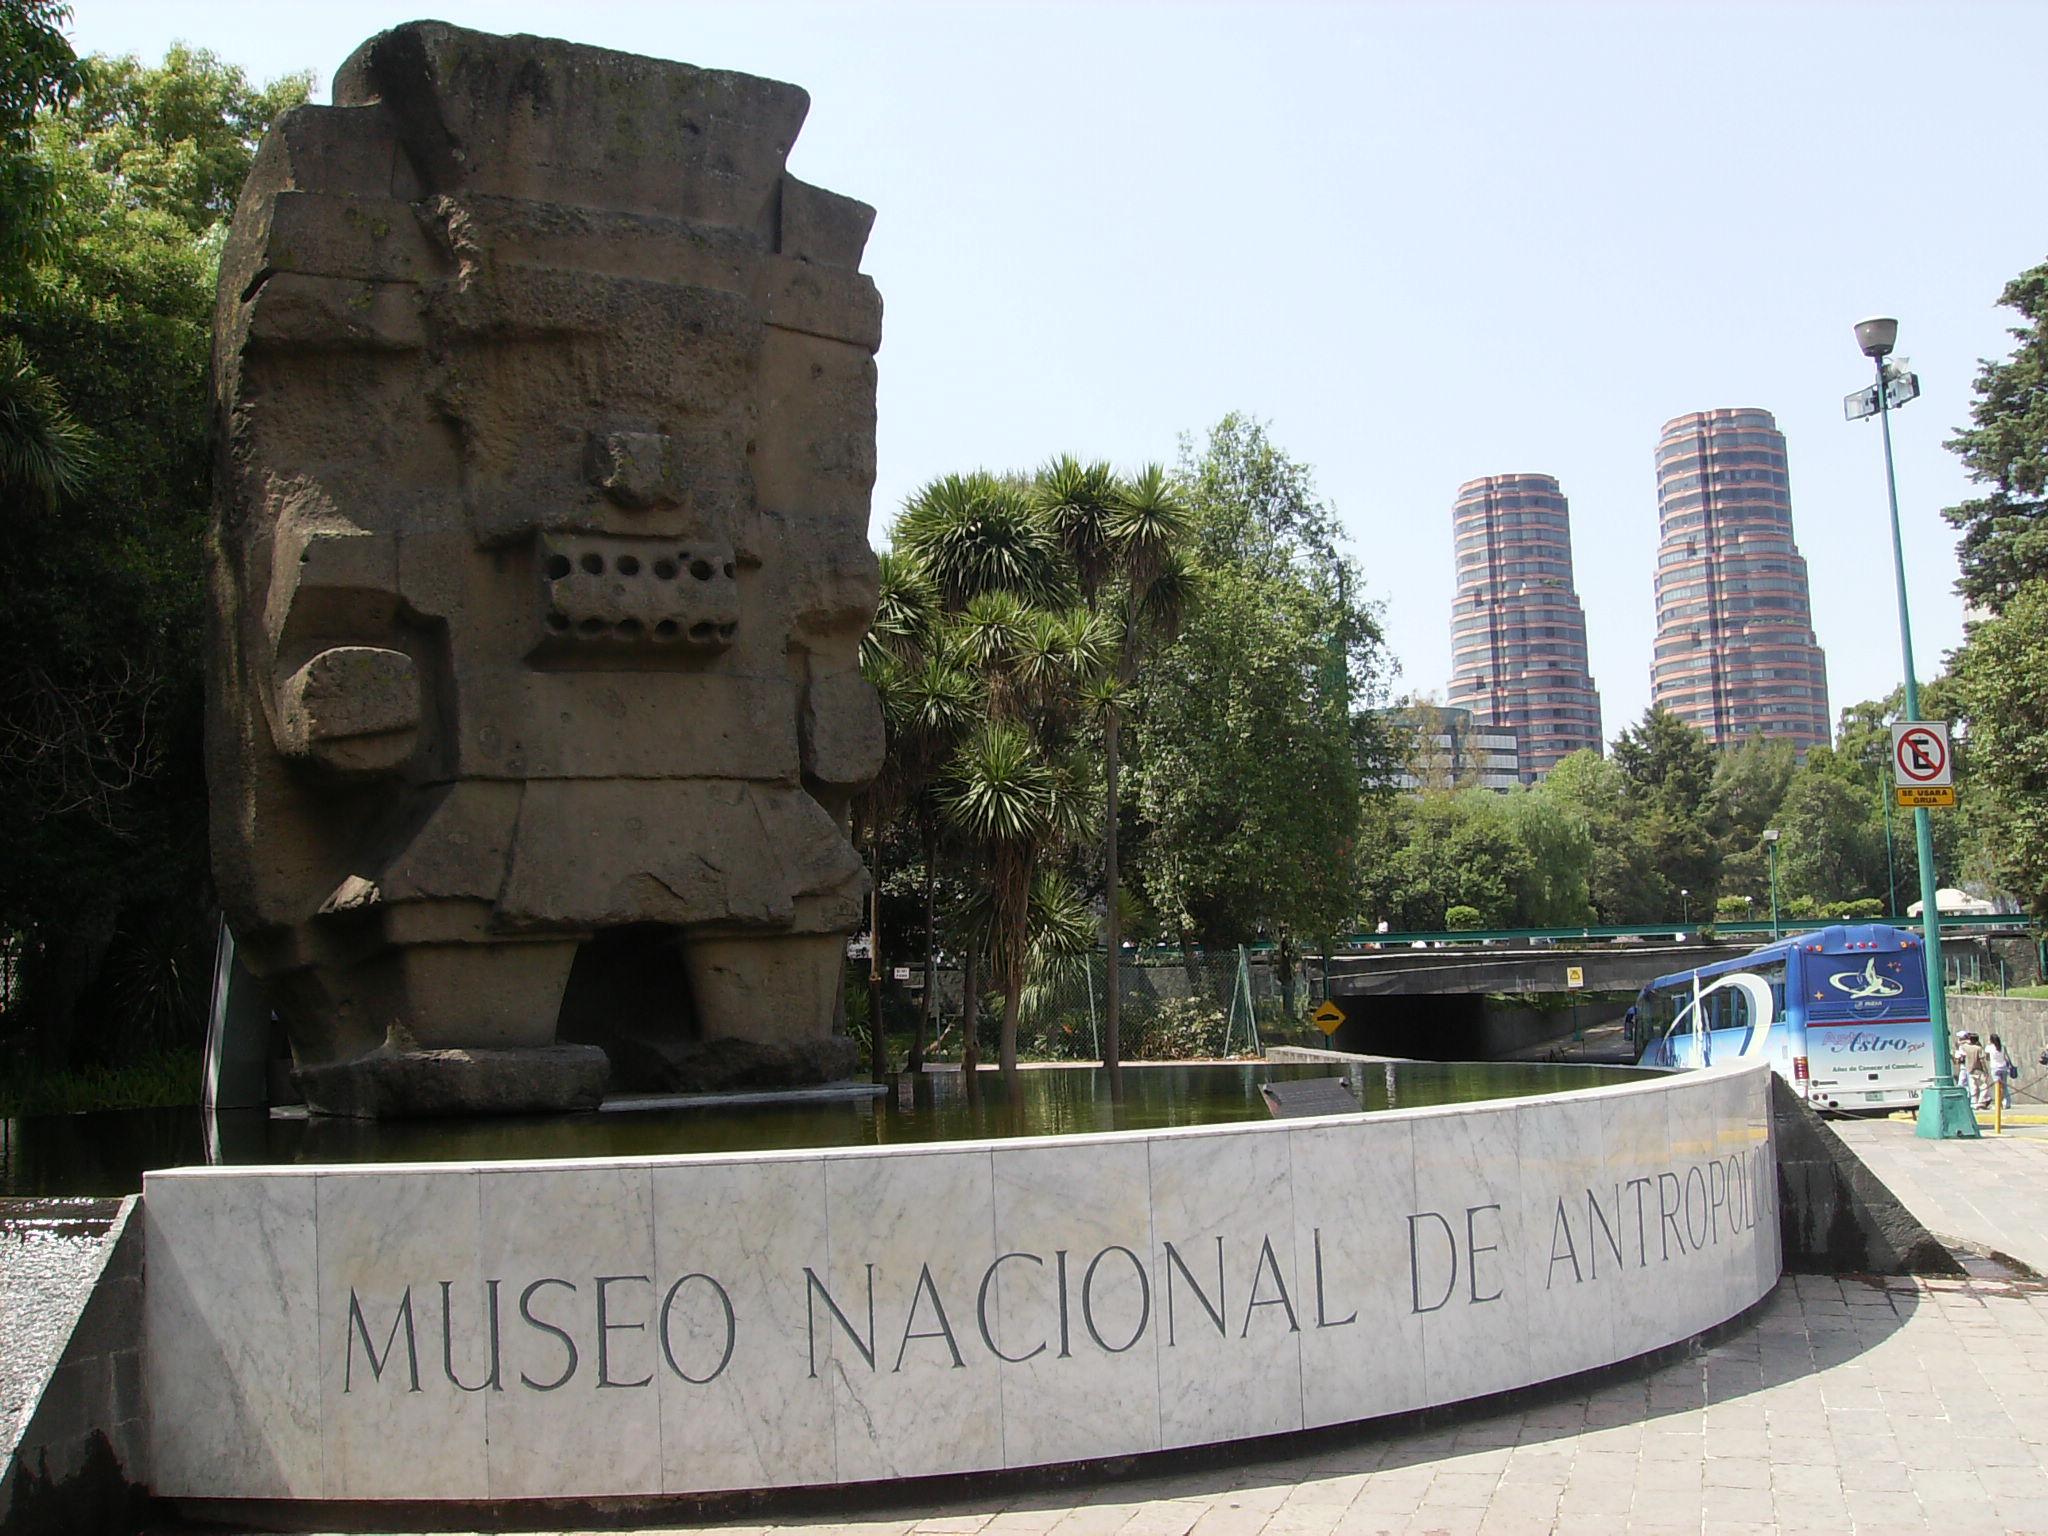 Cuarentena Covid 19: Visita Los Mejores Museos Sin Salir De Casa